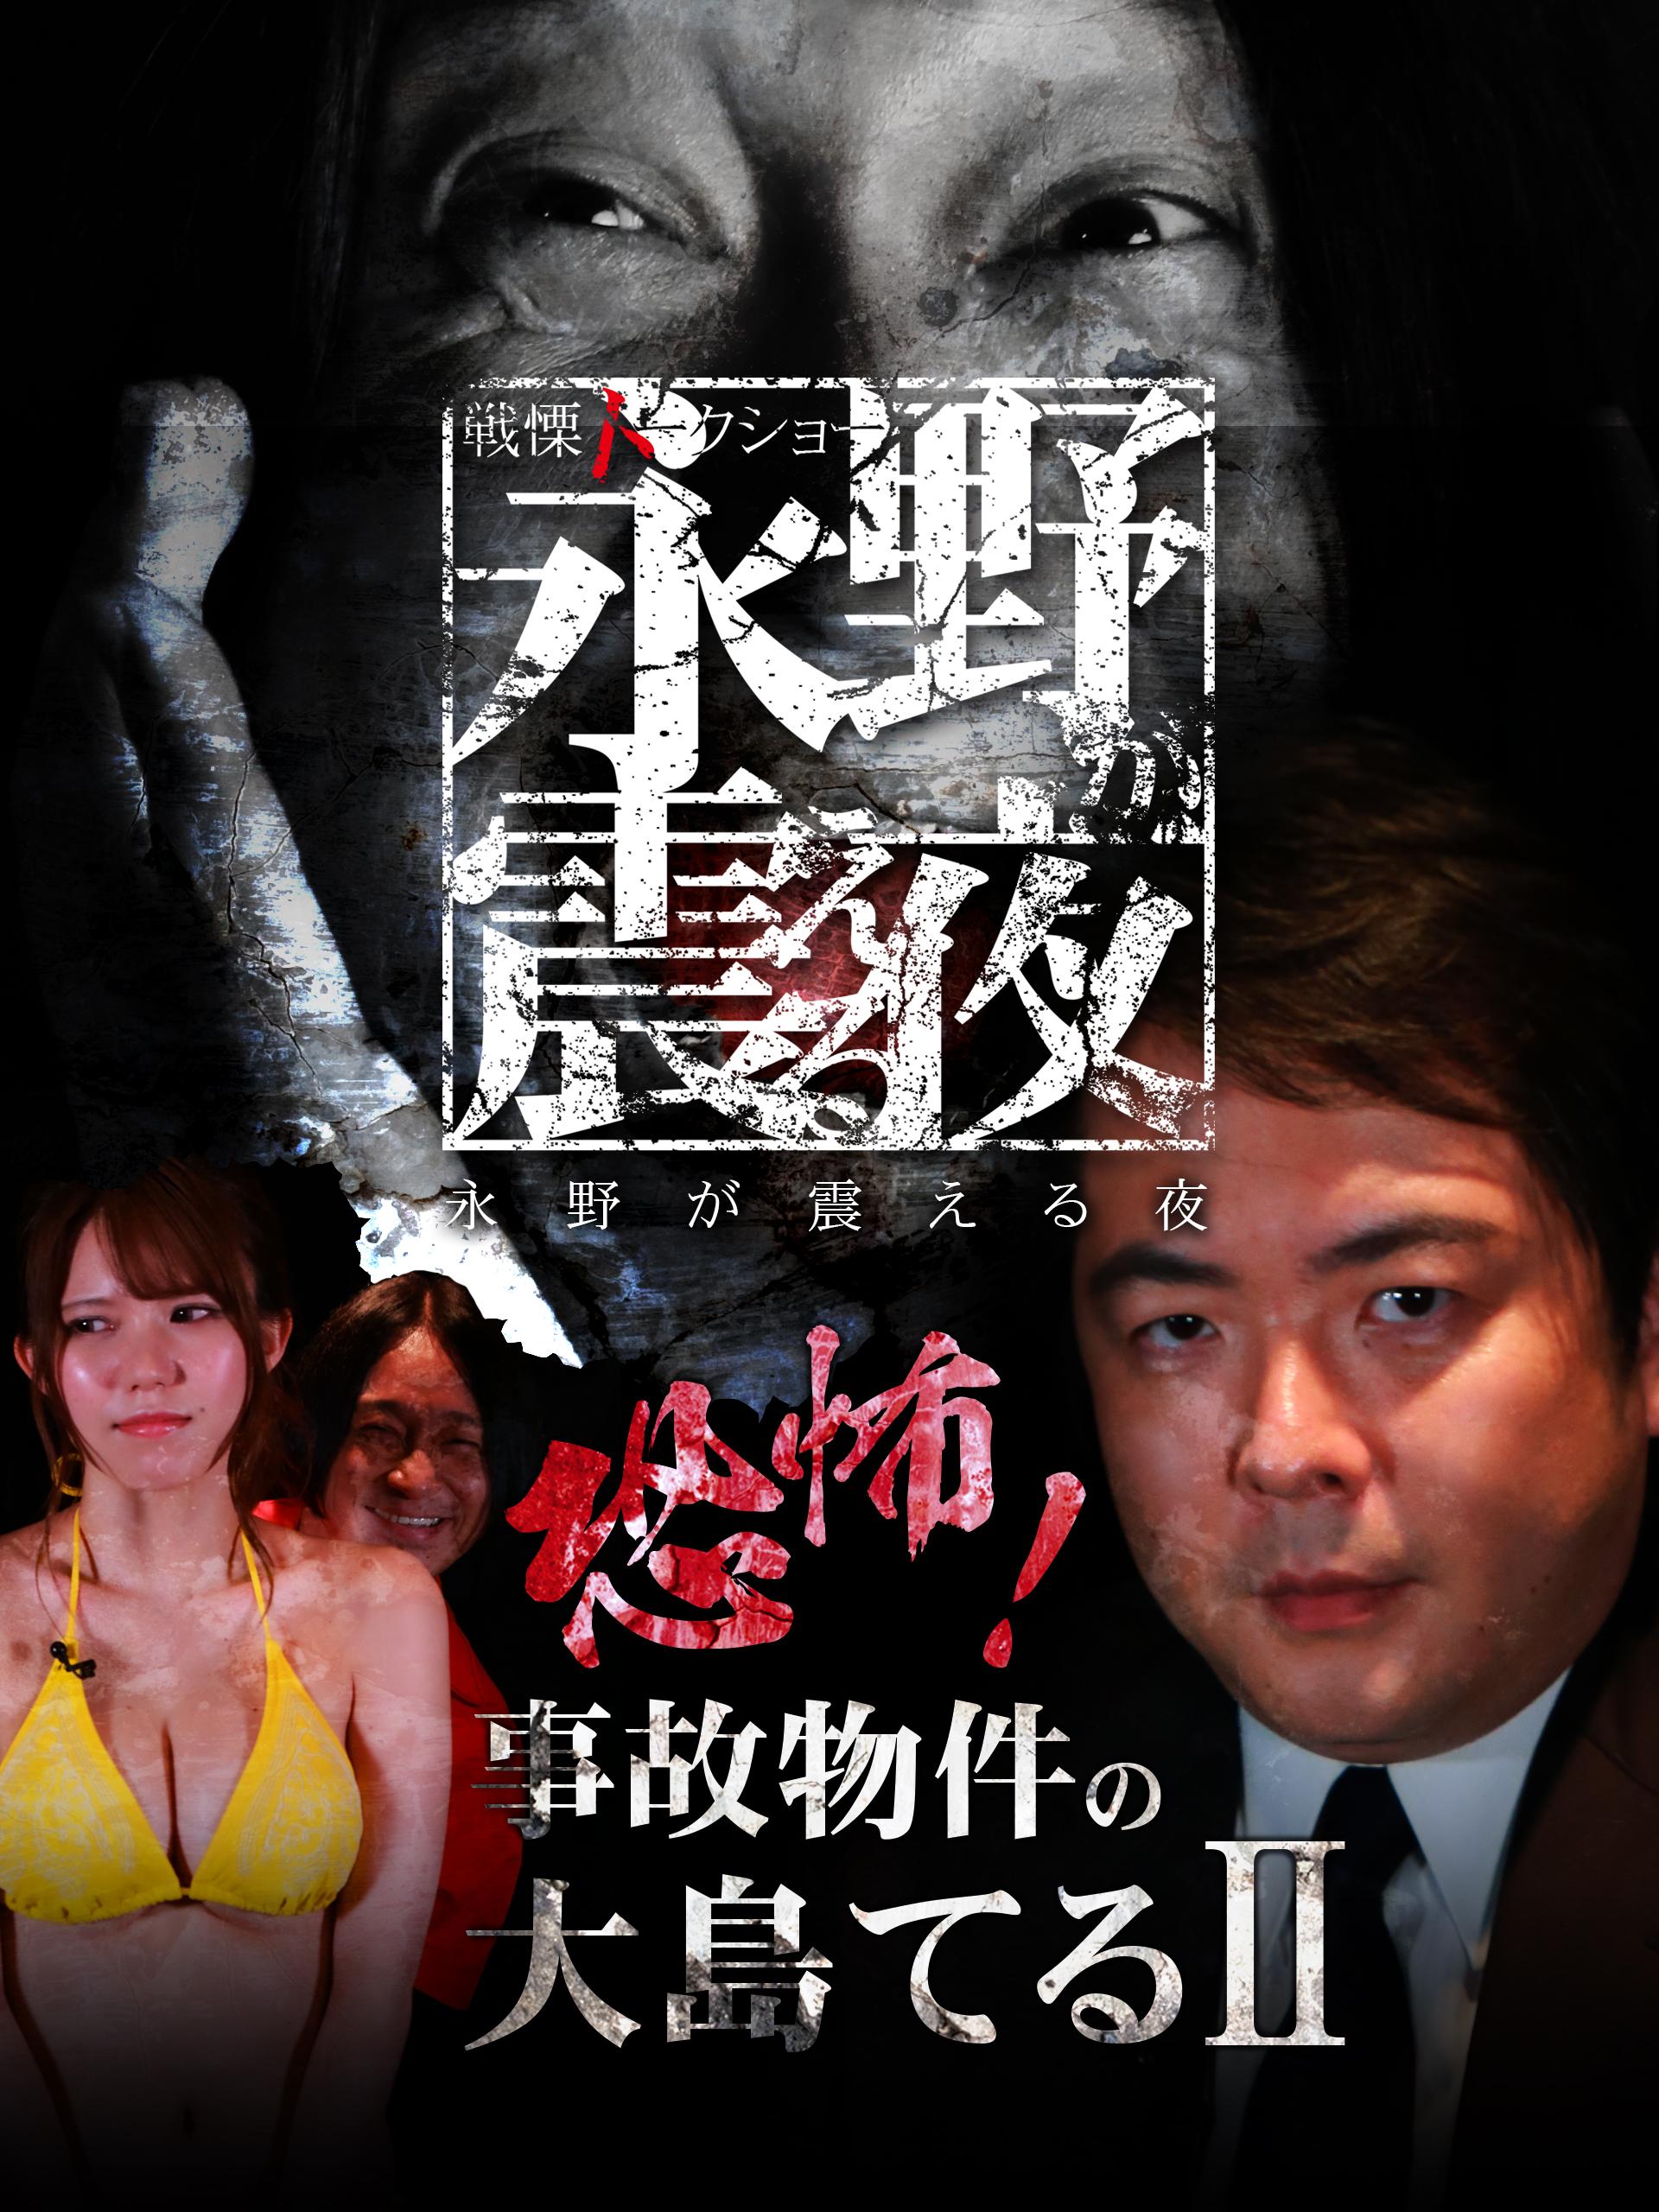 戦慄トークショー 永野が震える夜(13)